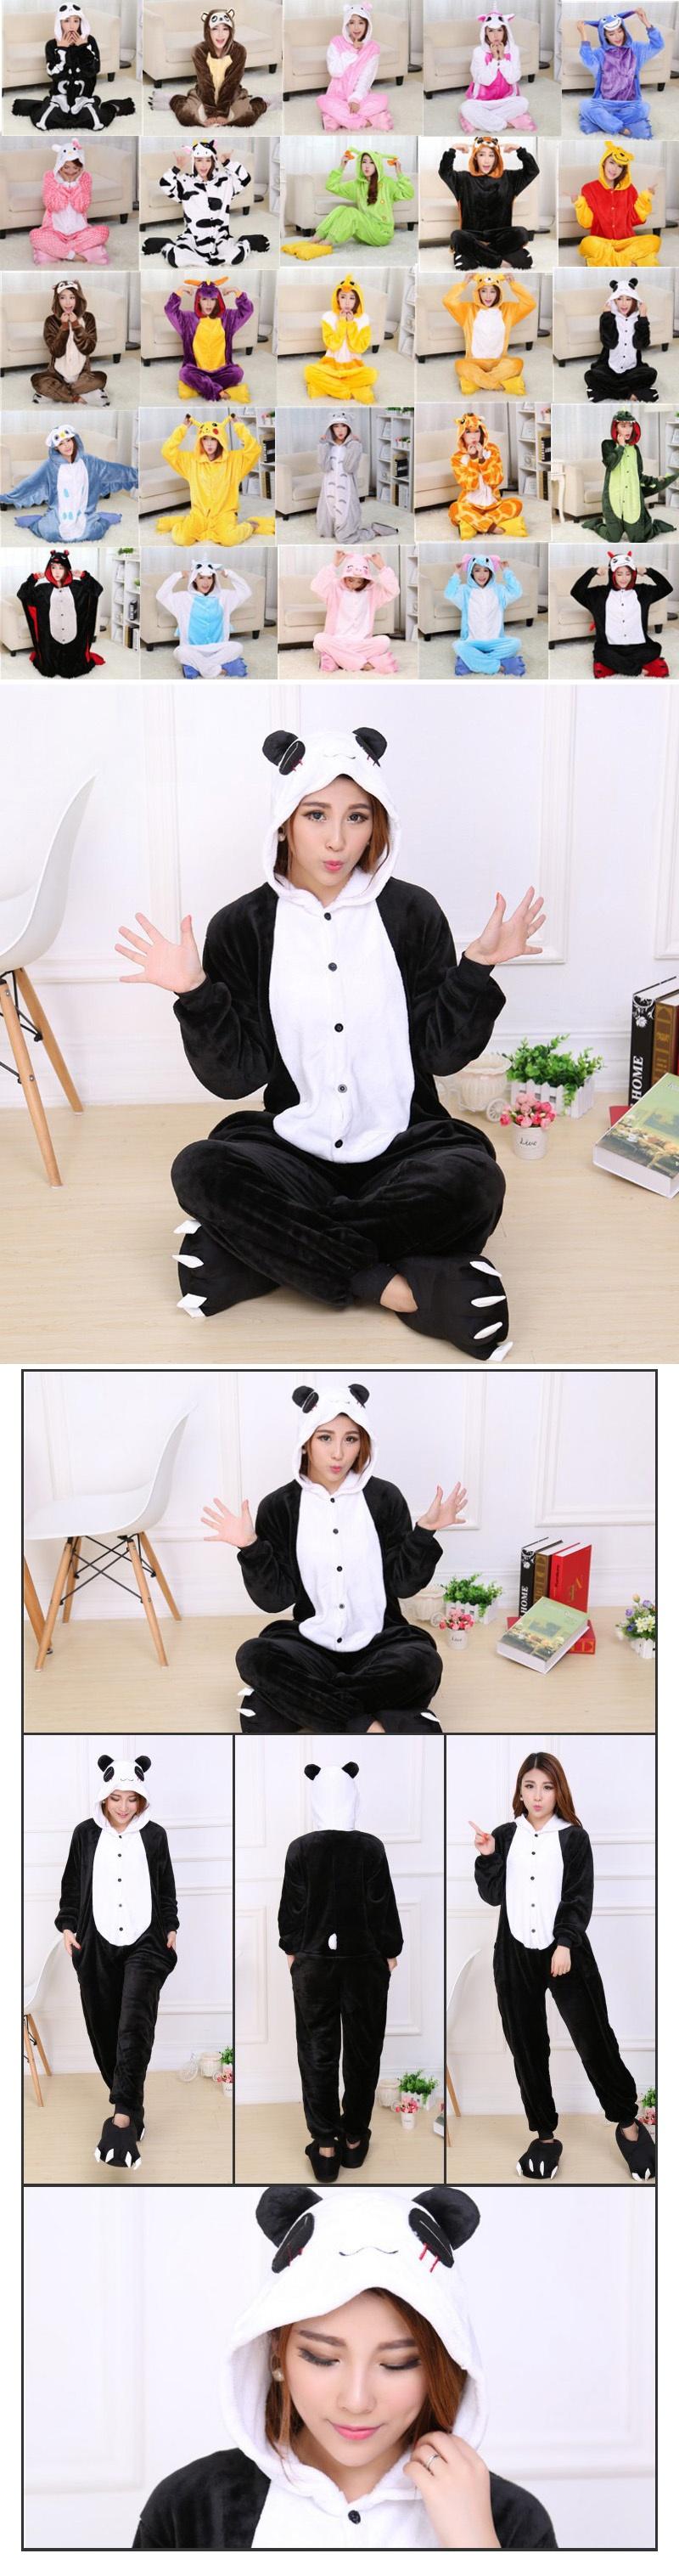 524fa73d3a Specifications of GETEK Panda Adult Unisex Pajamas Cosplay Costume Onesie  Sleepwear S-XL (Black+White)